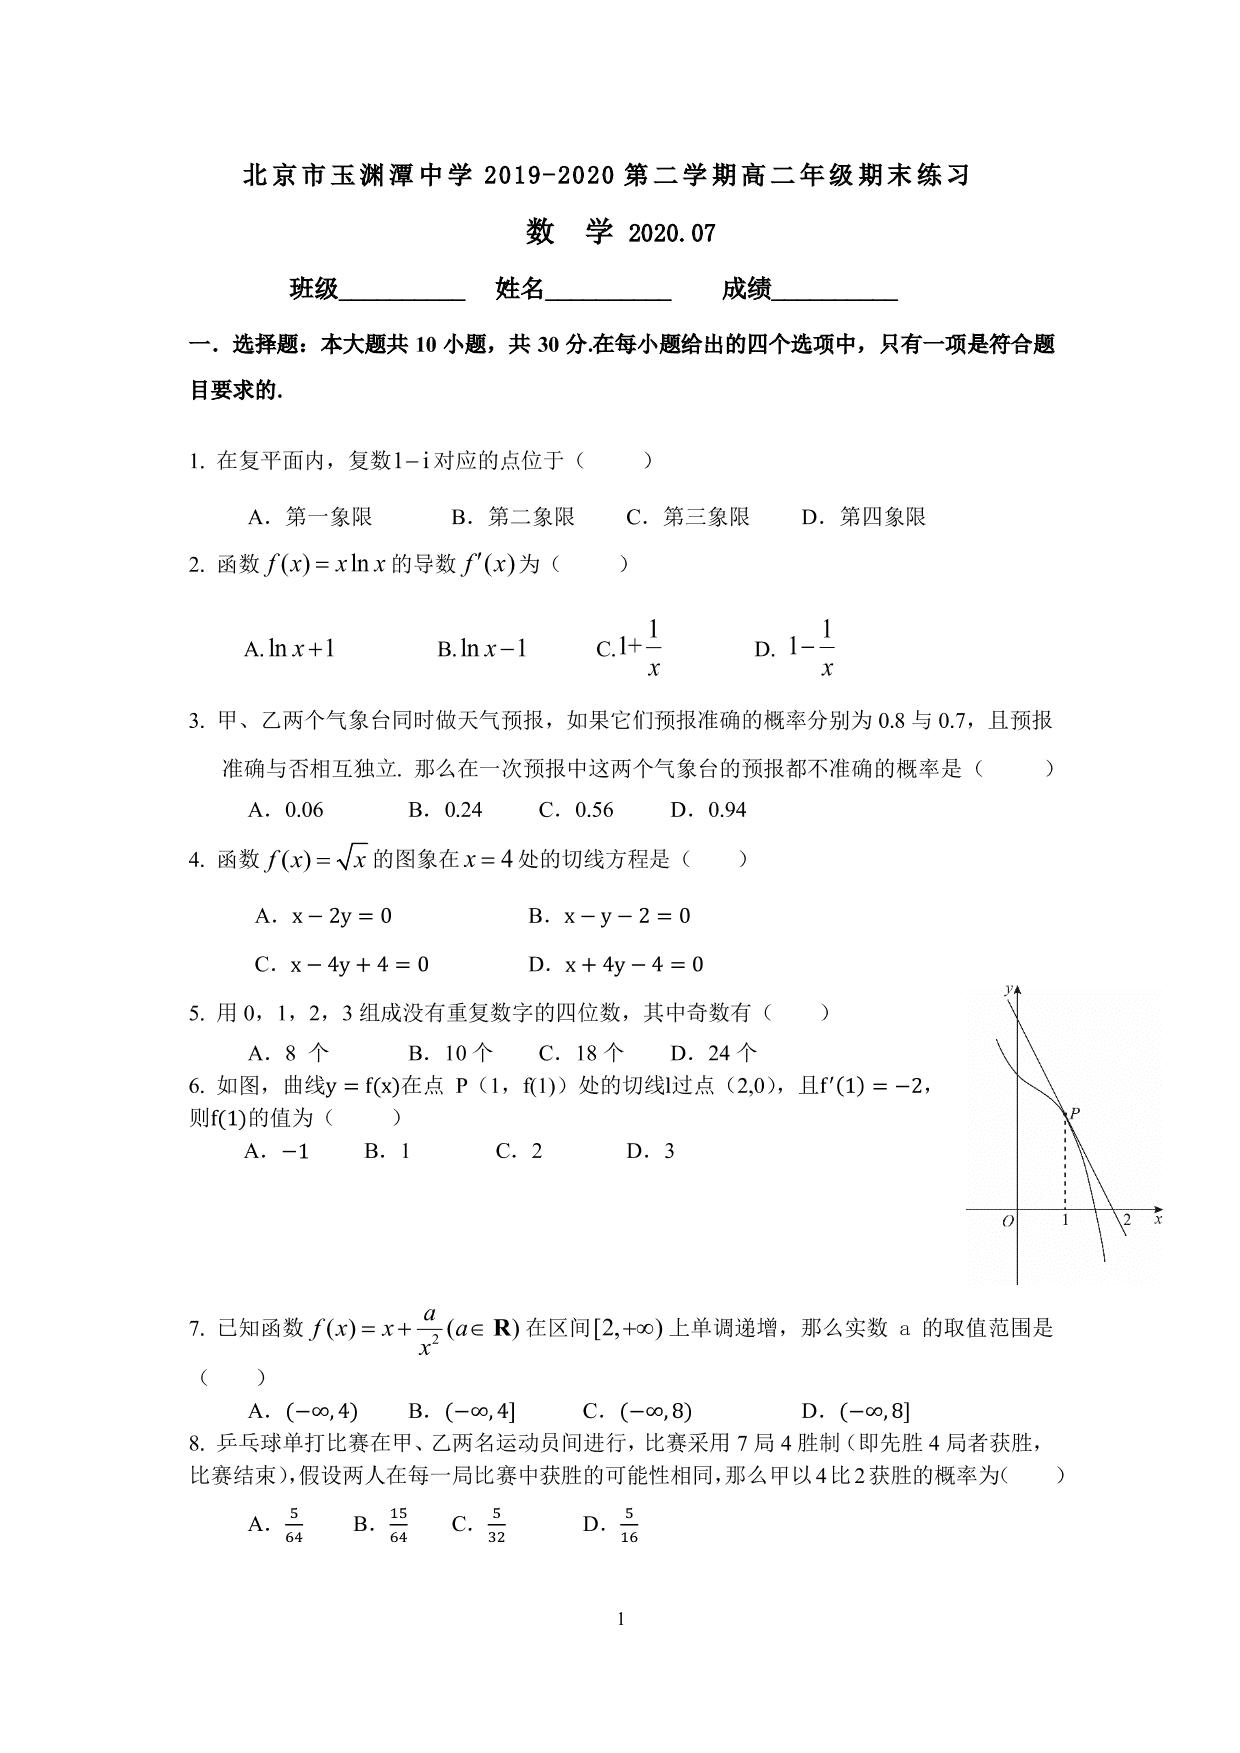 北京市玉渊潭中学2019-2020学年高二第二学期期末练习数学试卷(PDF版,无答案)